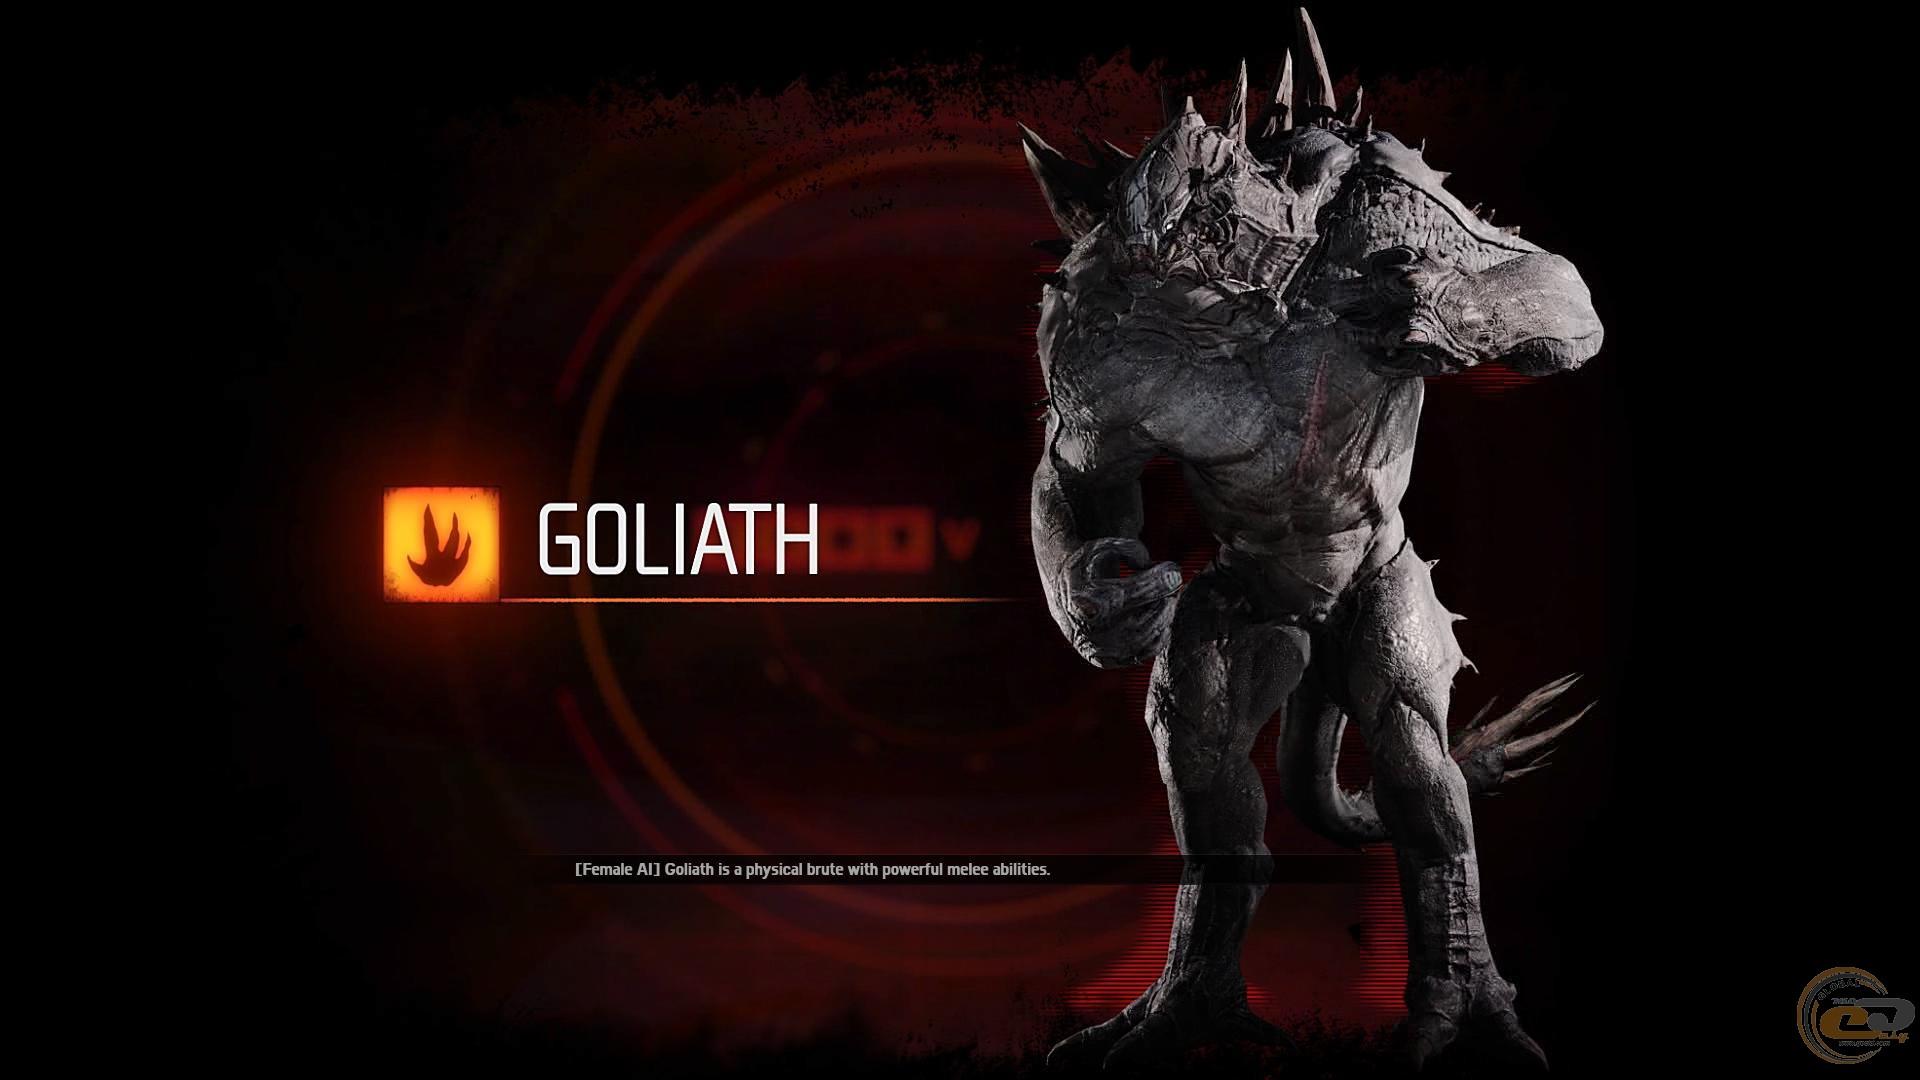 Обои Evolve, монстр, turtle rockstudios, 2k games, goliath, голиаф. Игры foto 13